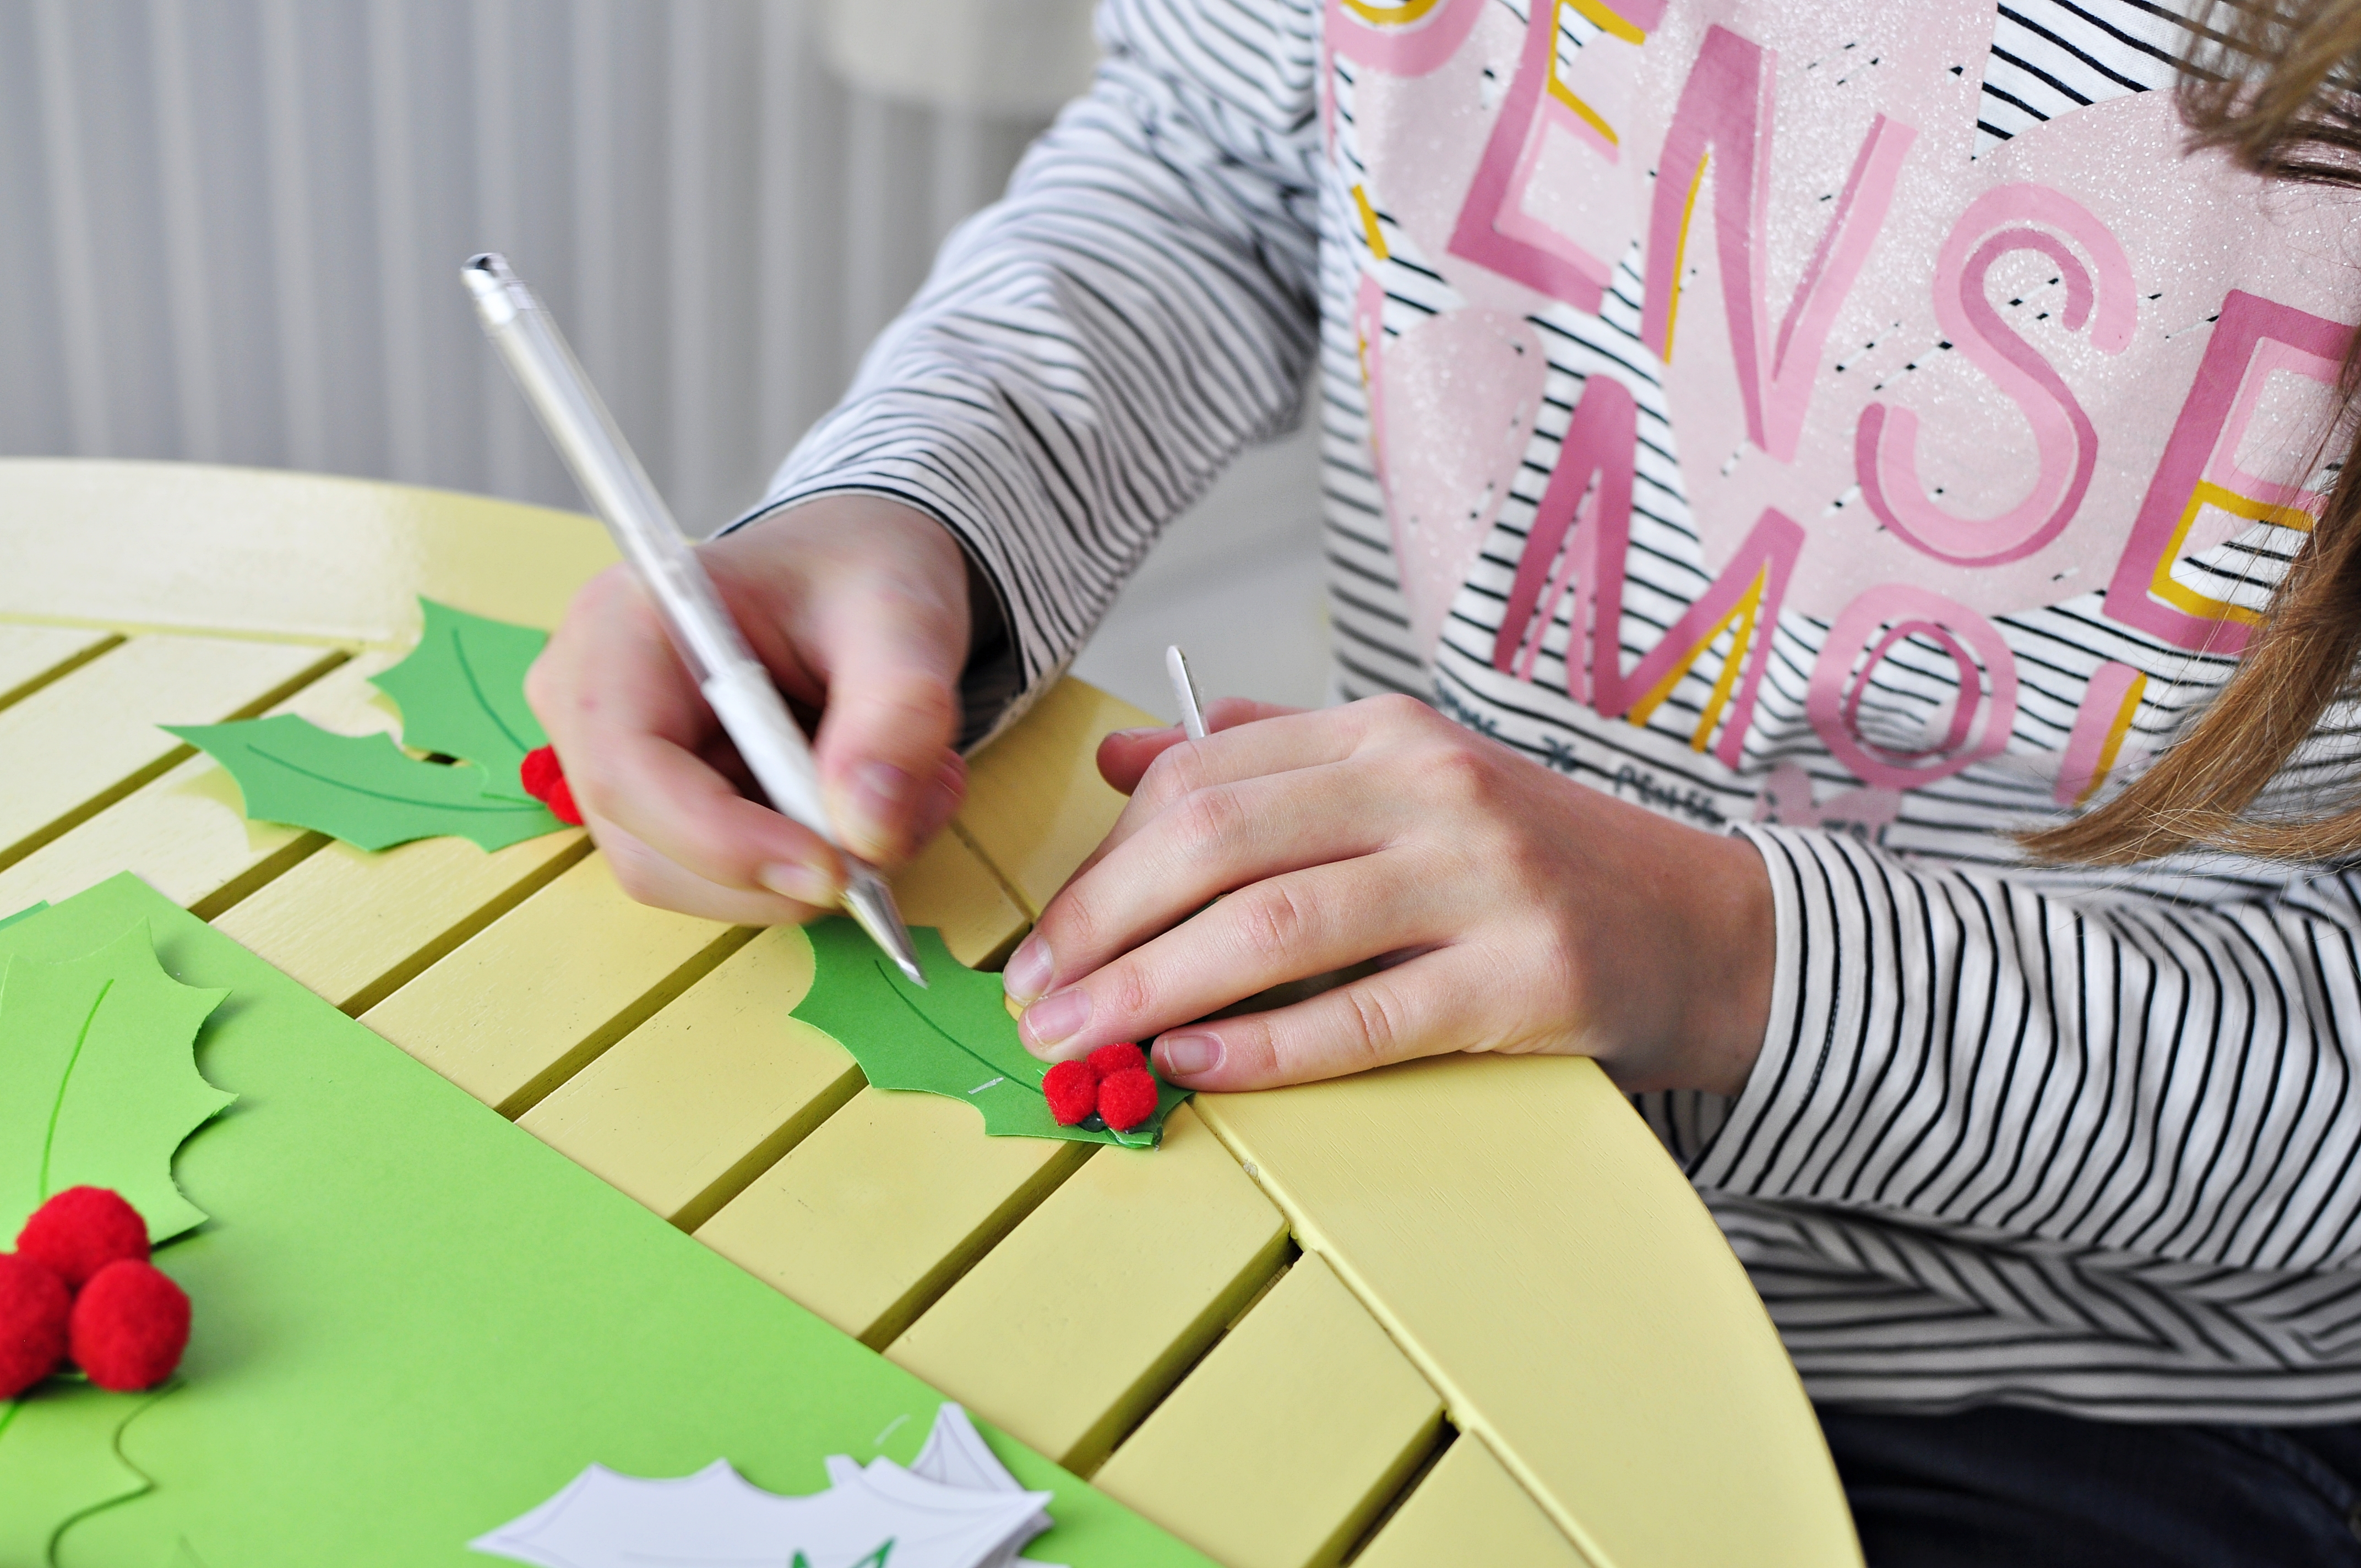 podpisywanie winietek na świąteczny stół